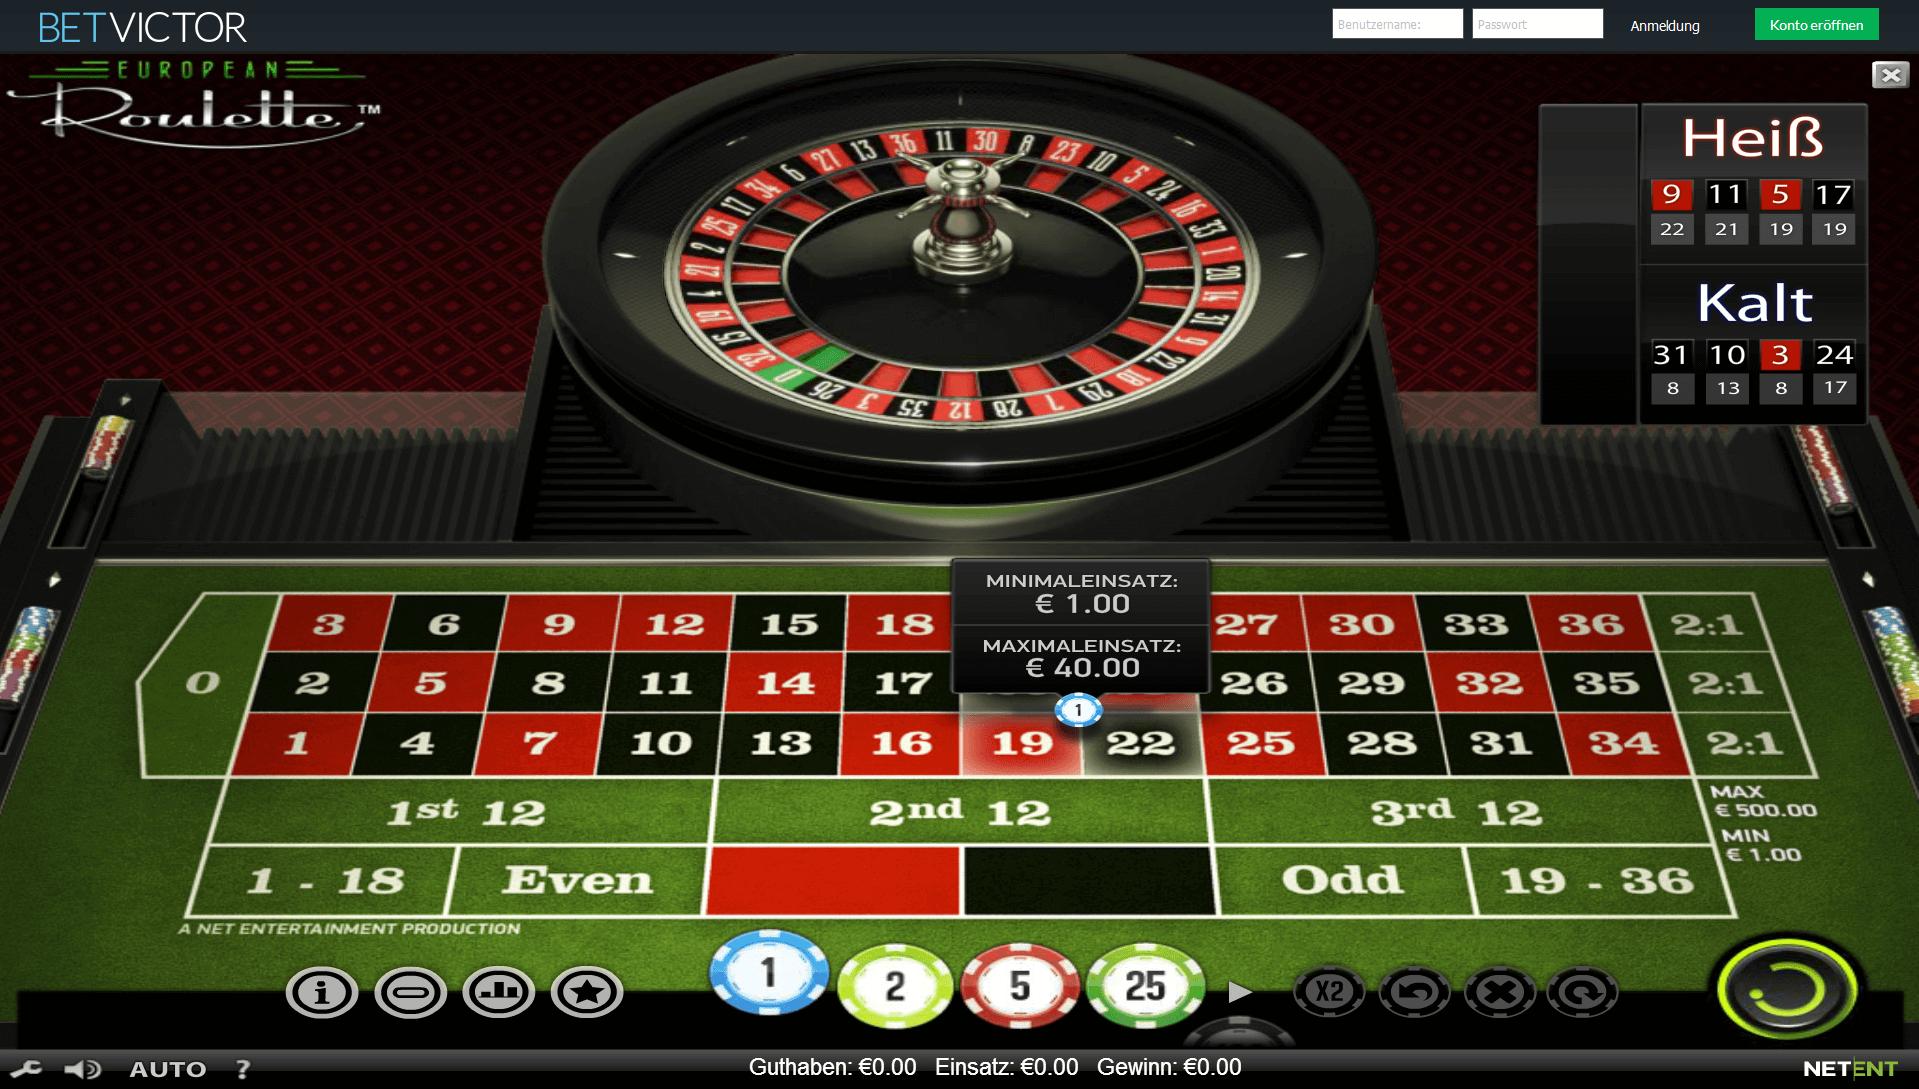 Planet 7 casino no deposit bonus codes august 2019